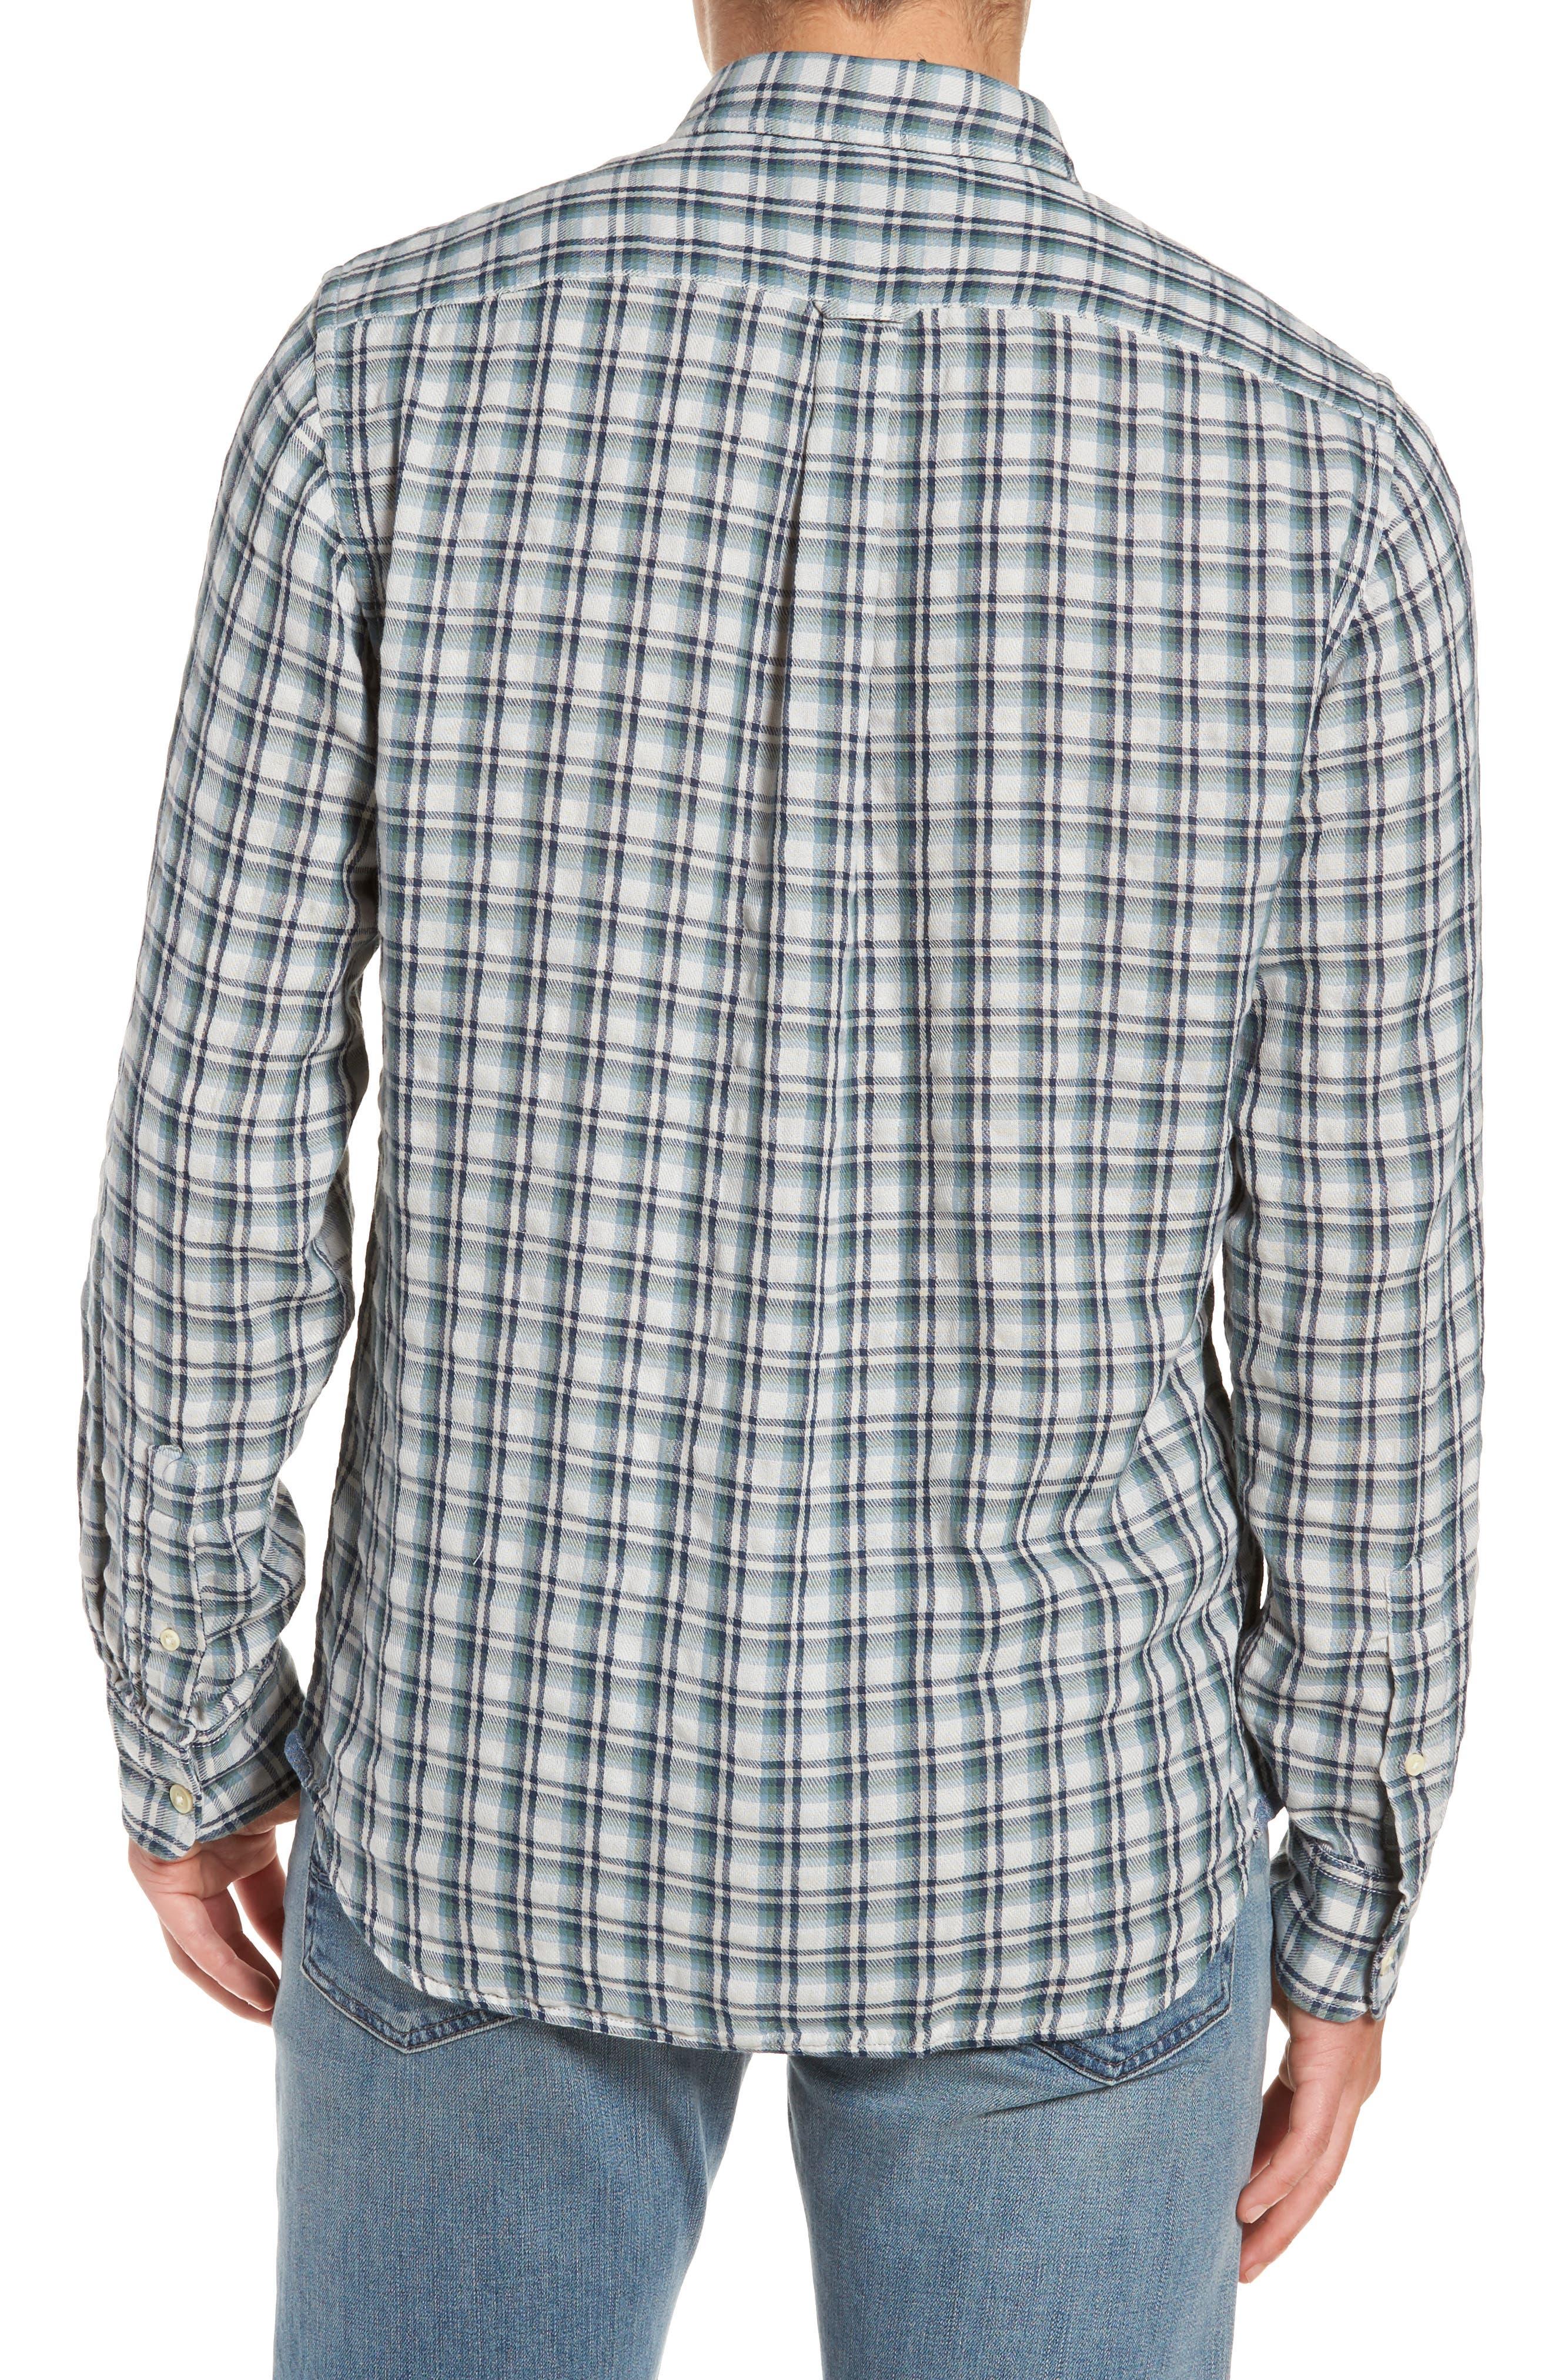 GRAYERS,                             Boulder Double Cloth Plaid Sport Shirt,                             Alternate thumbnail 2, color,                             100